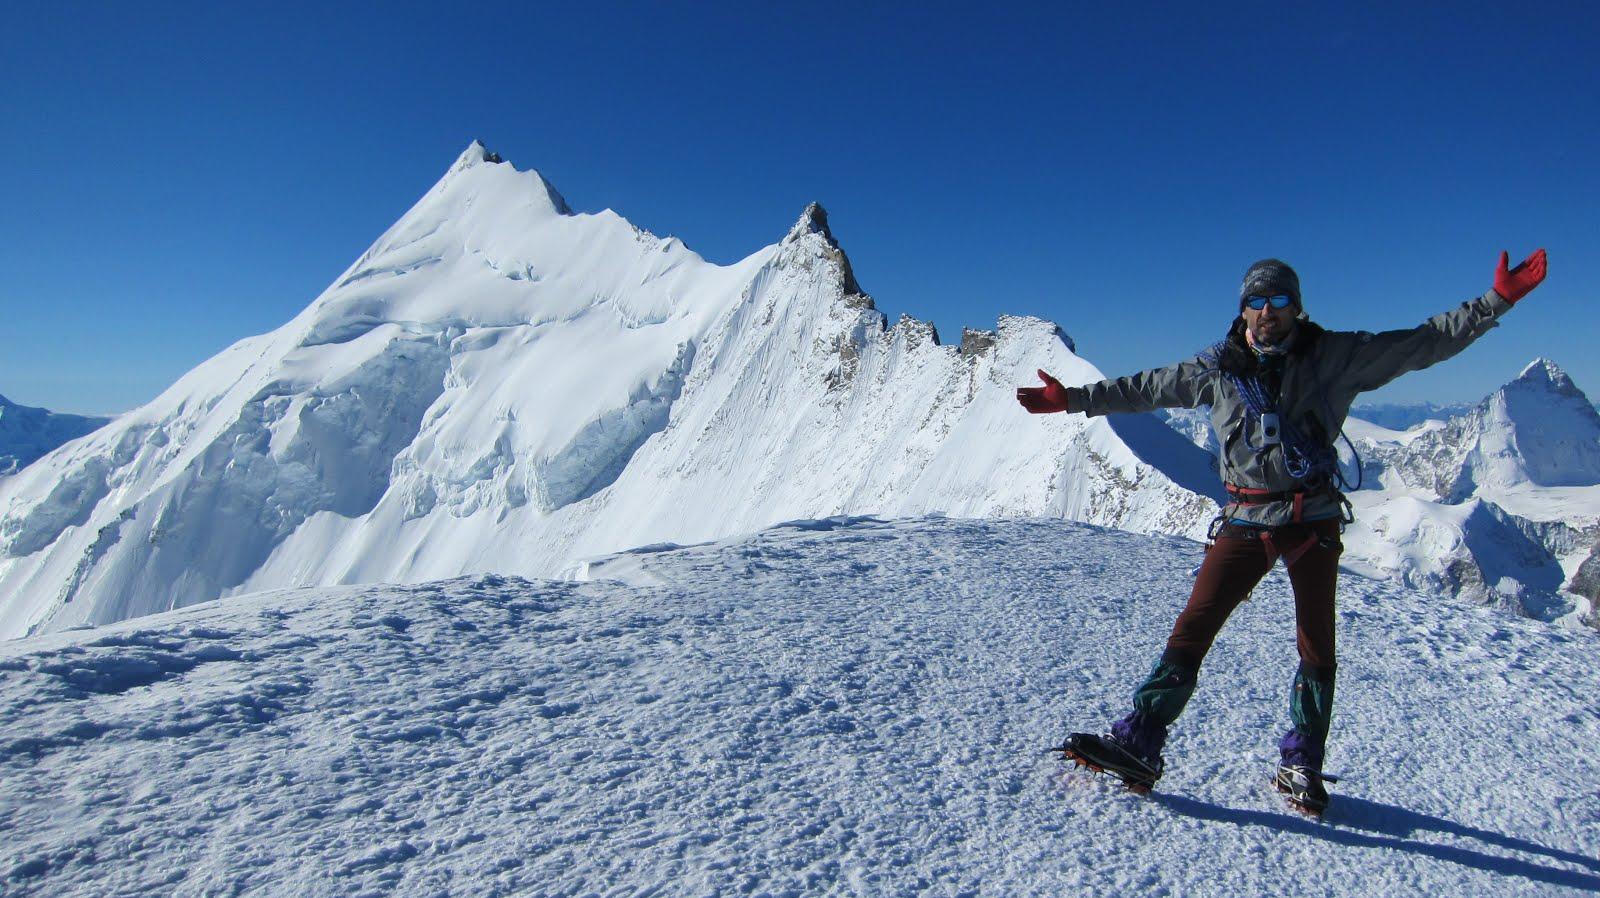 Vídeo : Ascesnsió al Bishorn